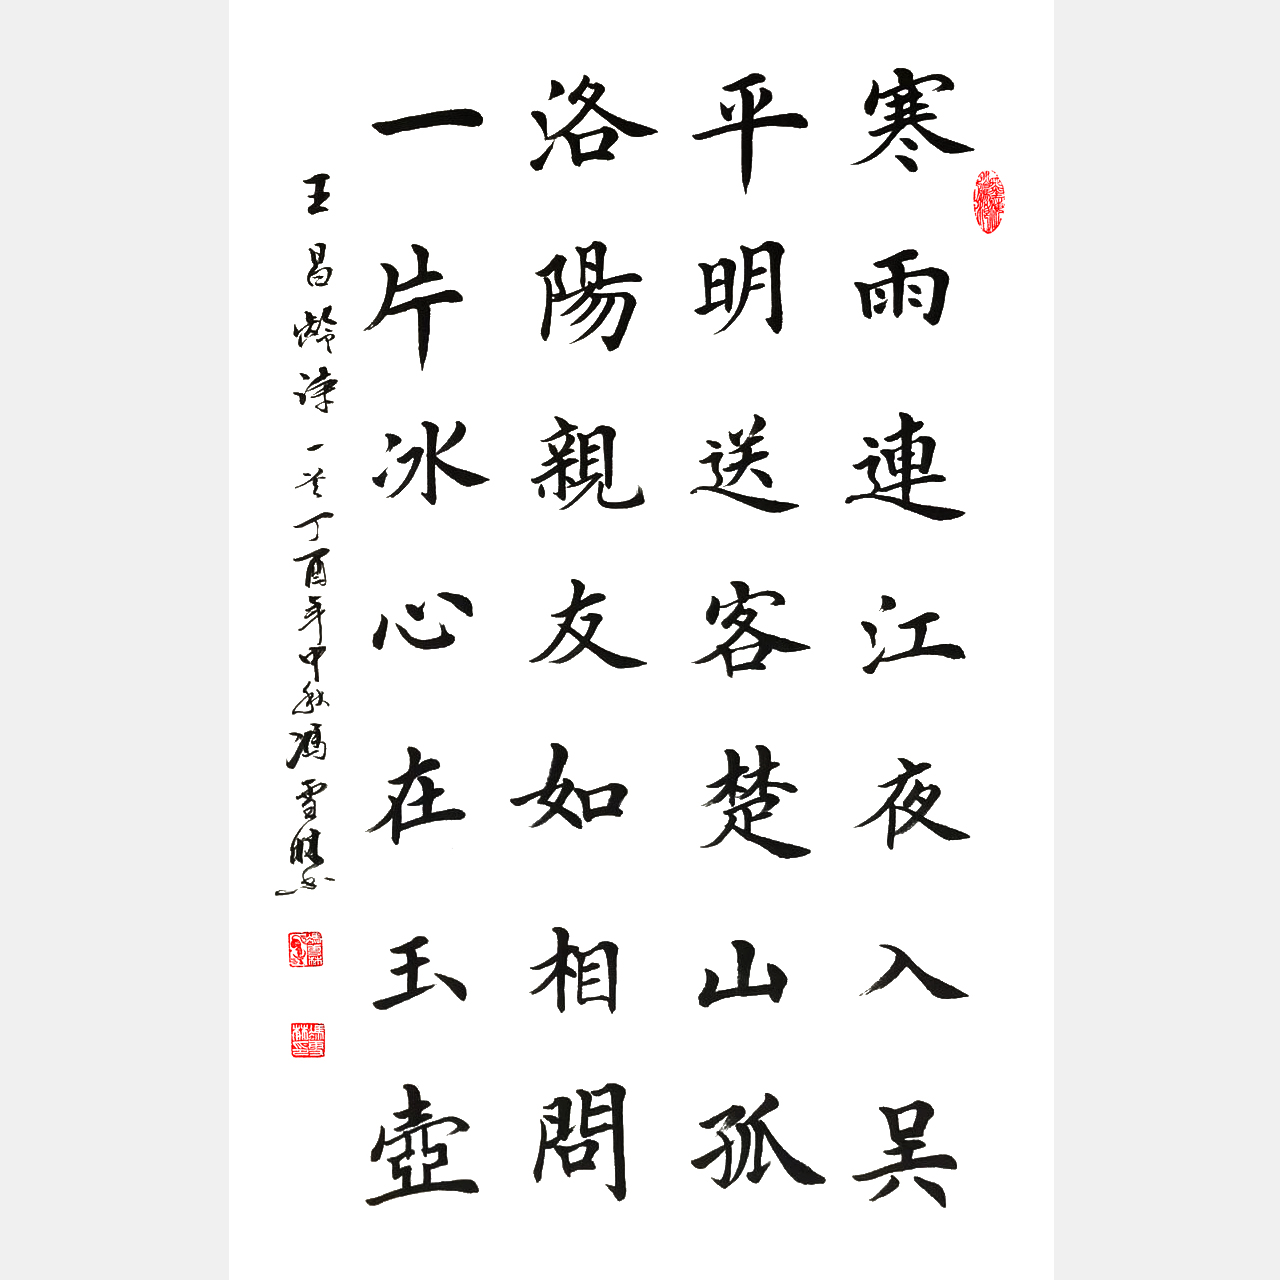 王昌龄《芙蓉楼送辛渐》楷书书法作品 洛阳亲友如相问,一片冰心在玉壶。